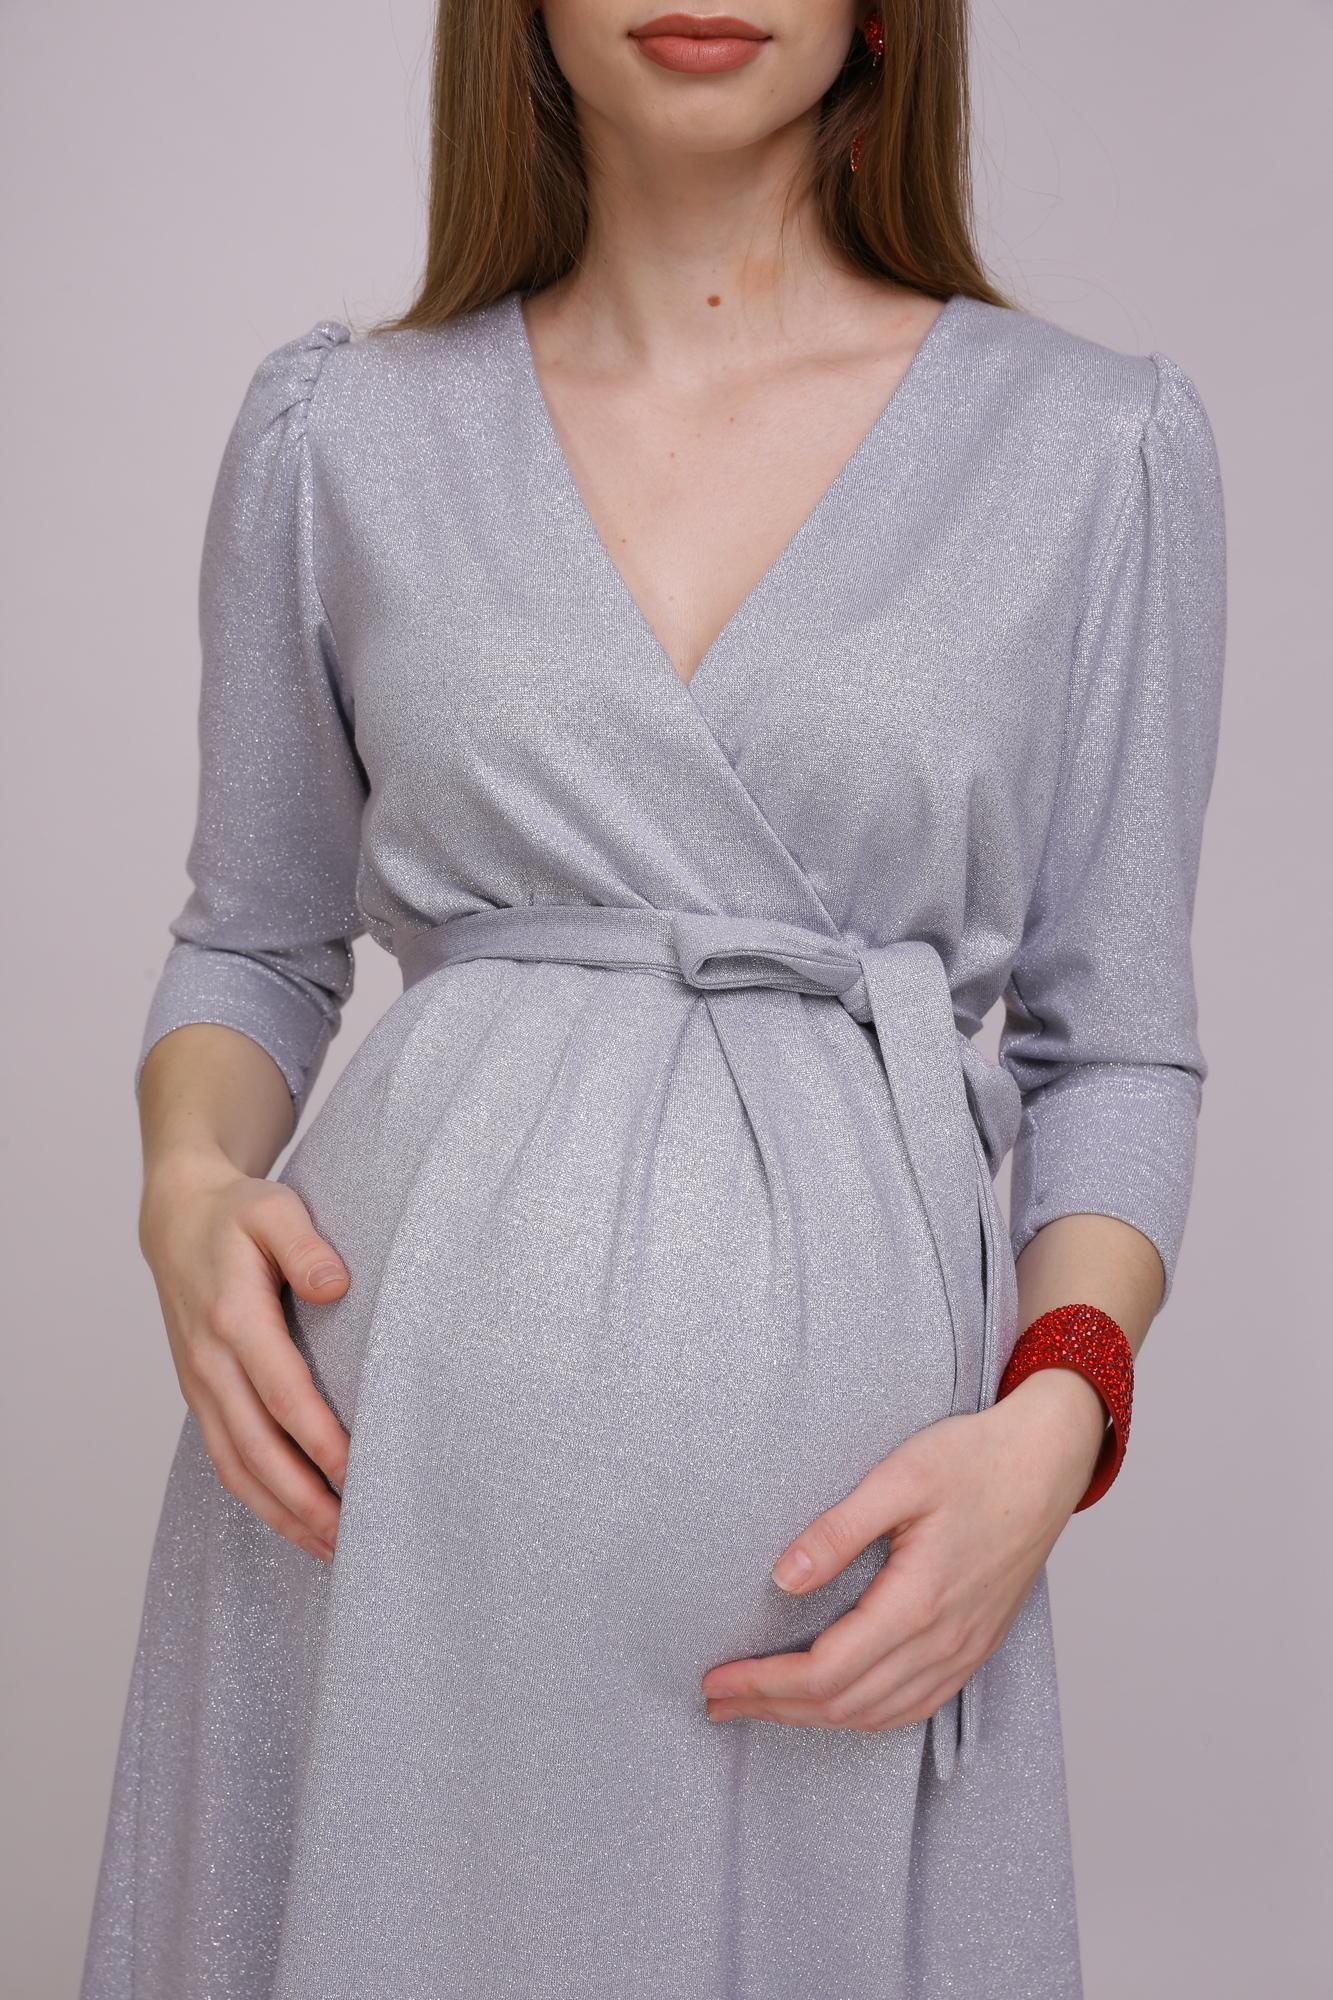 Фото платье для беременных Magica bellezza от магазина СкороМама, серый, серебро, размеры.